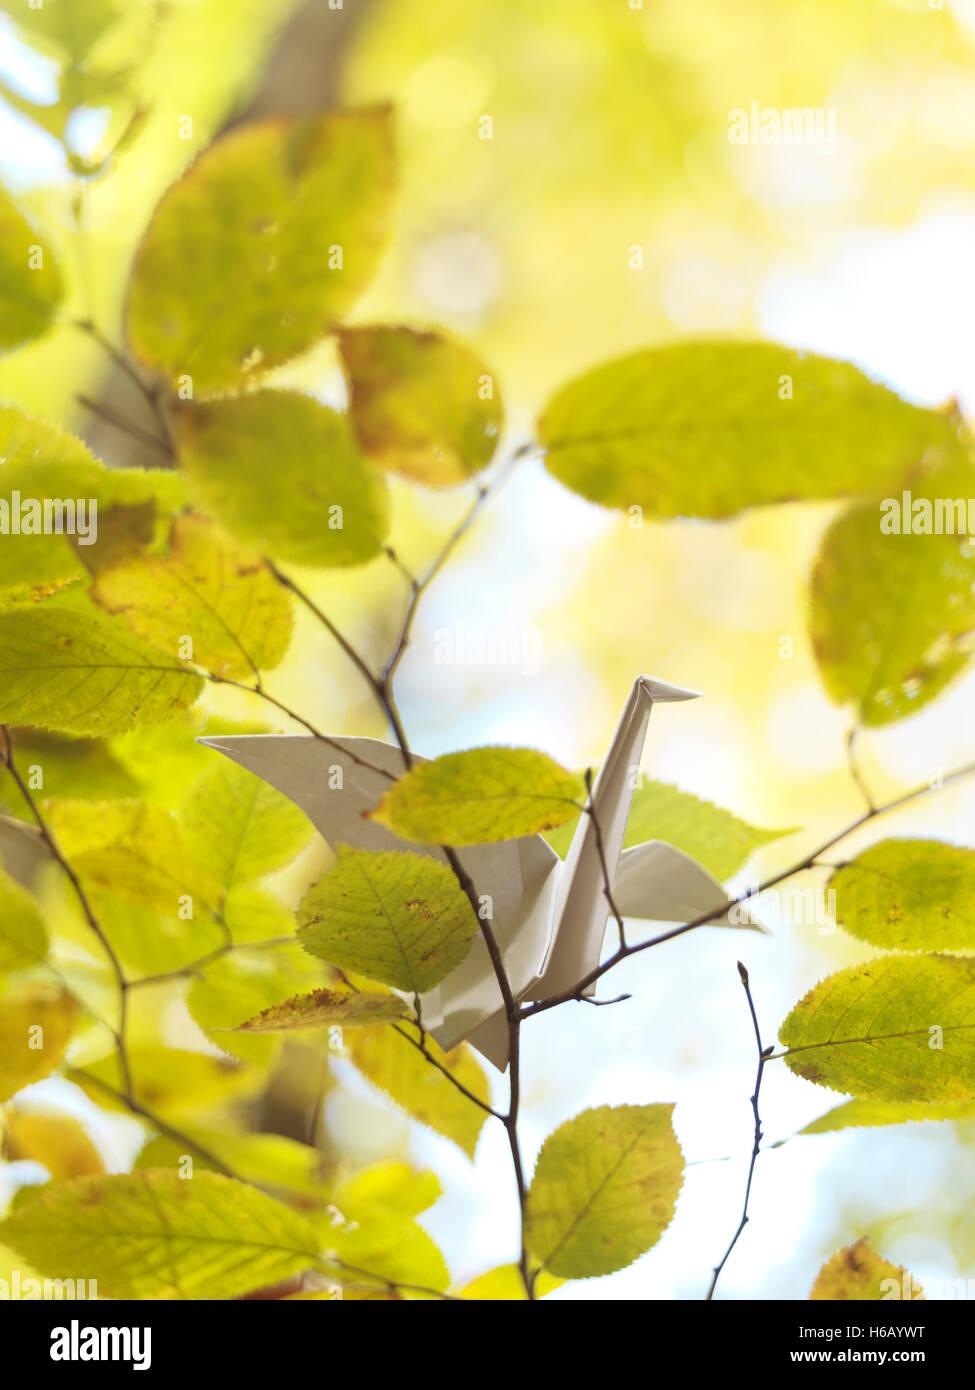 Origami Papier Kran auf einem Ast in der herbstlichen Natur Stockbild